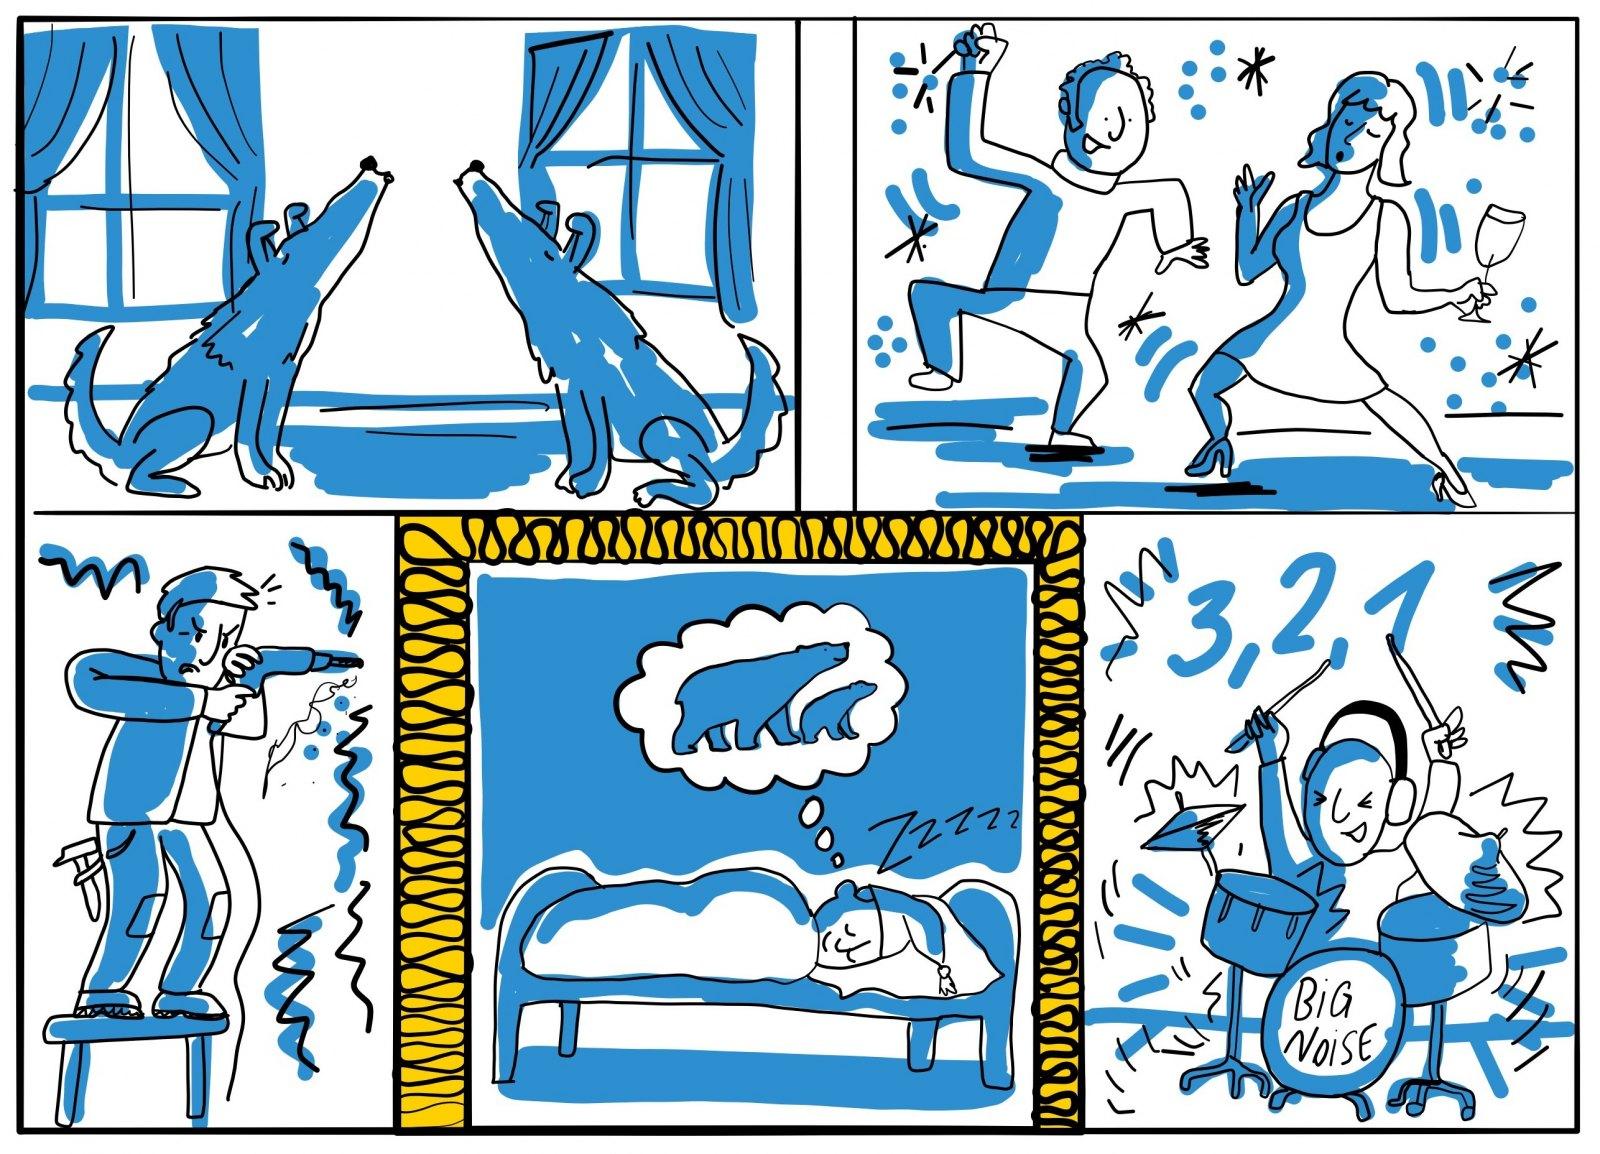 ursa akusticka izolace hluk dum kresleny vtip